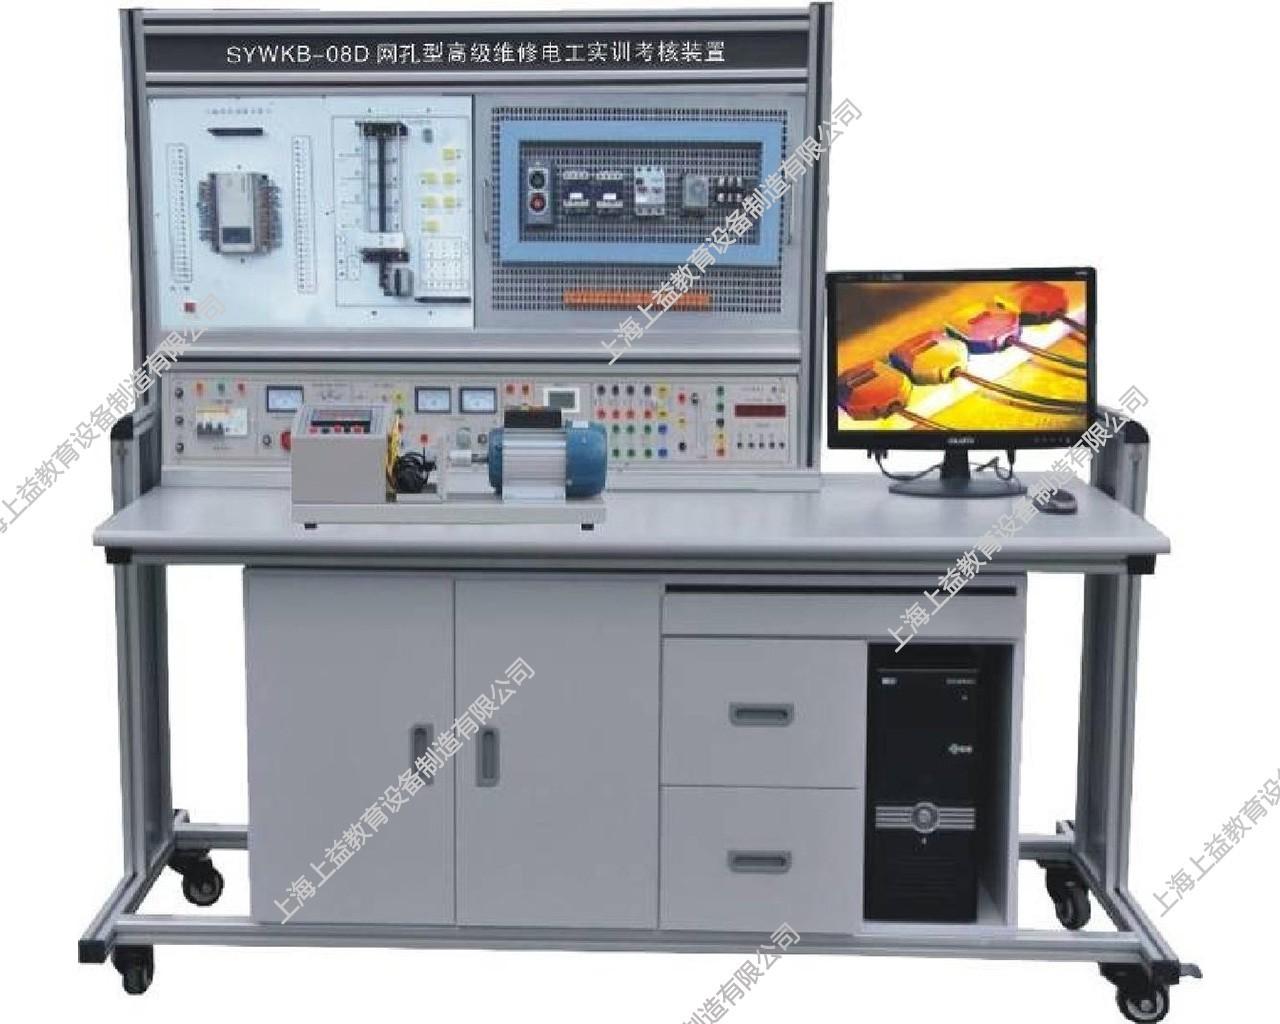 SYWKB-08D网孔型高级维修电工wwwlehu8viplehu68vip装置